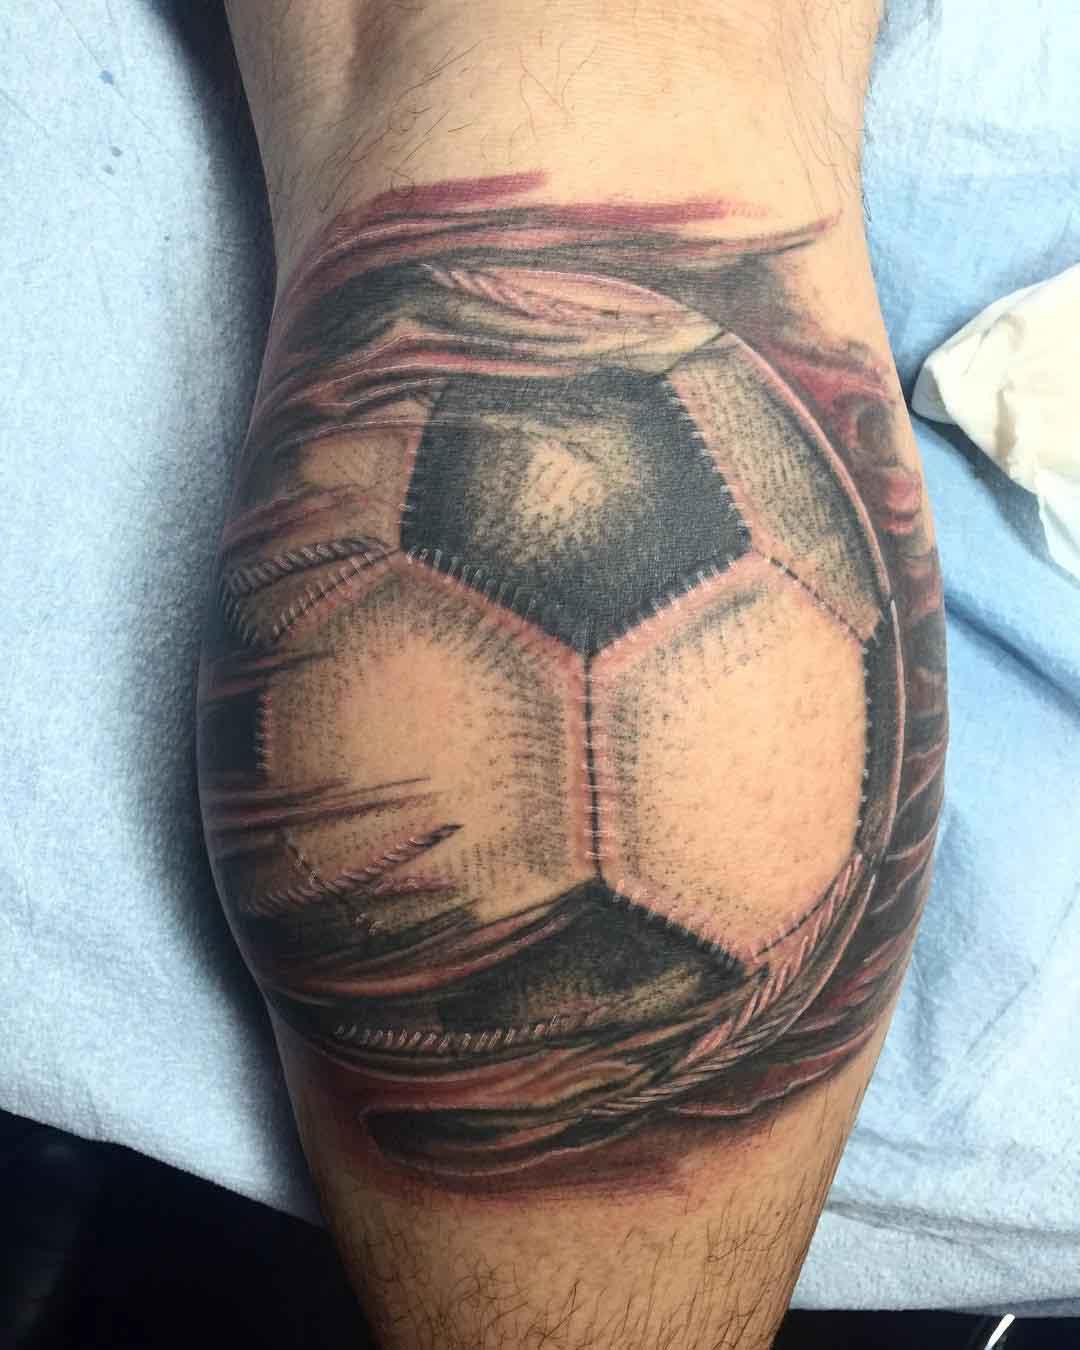 Soccer Ball Tattoo by @juliantattooer